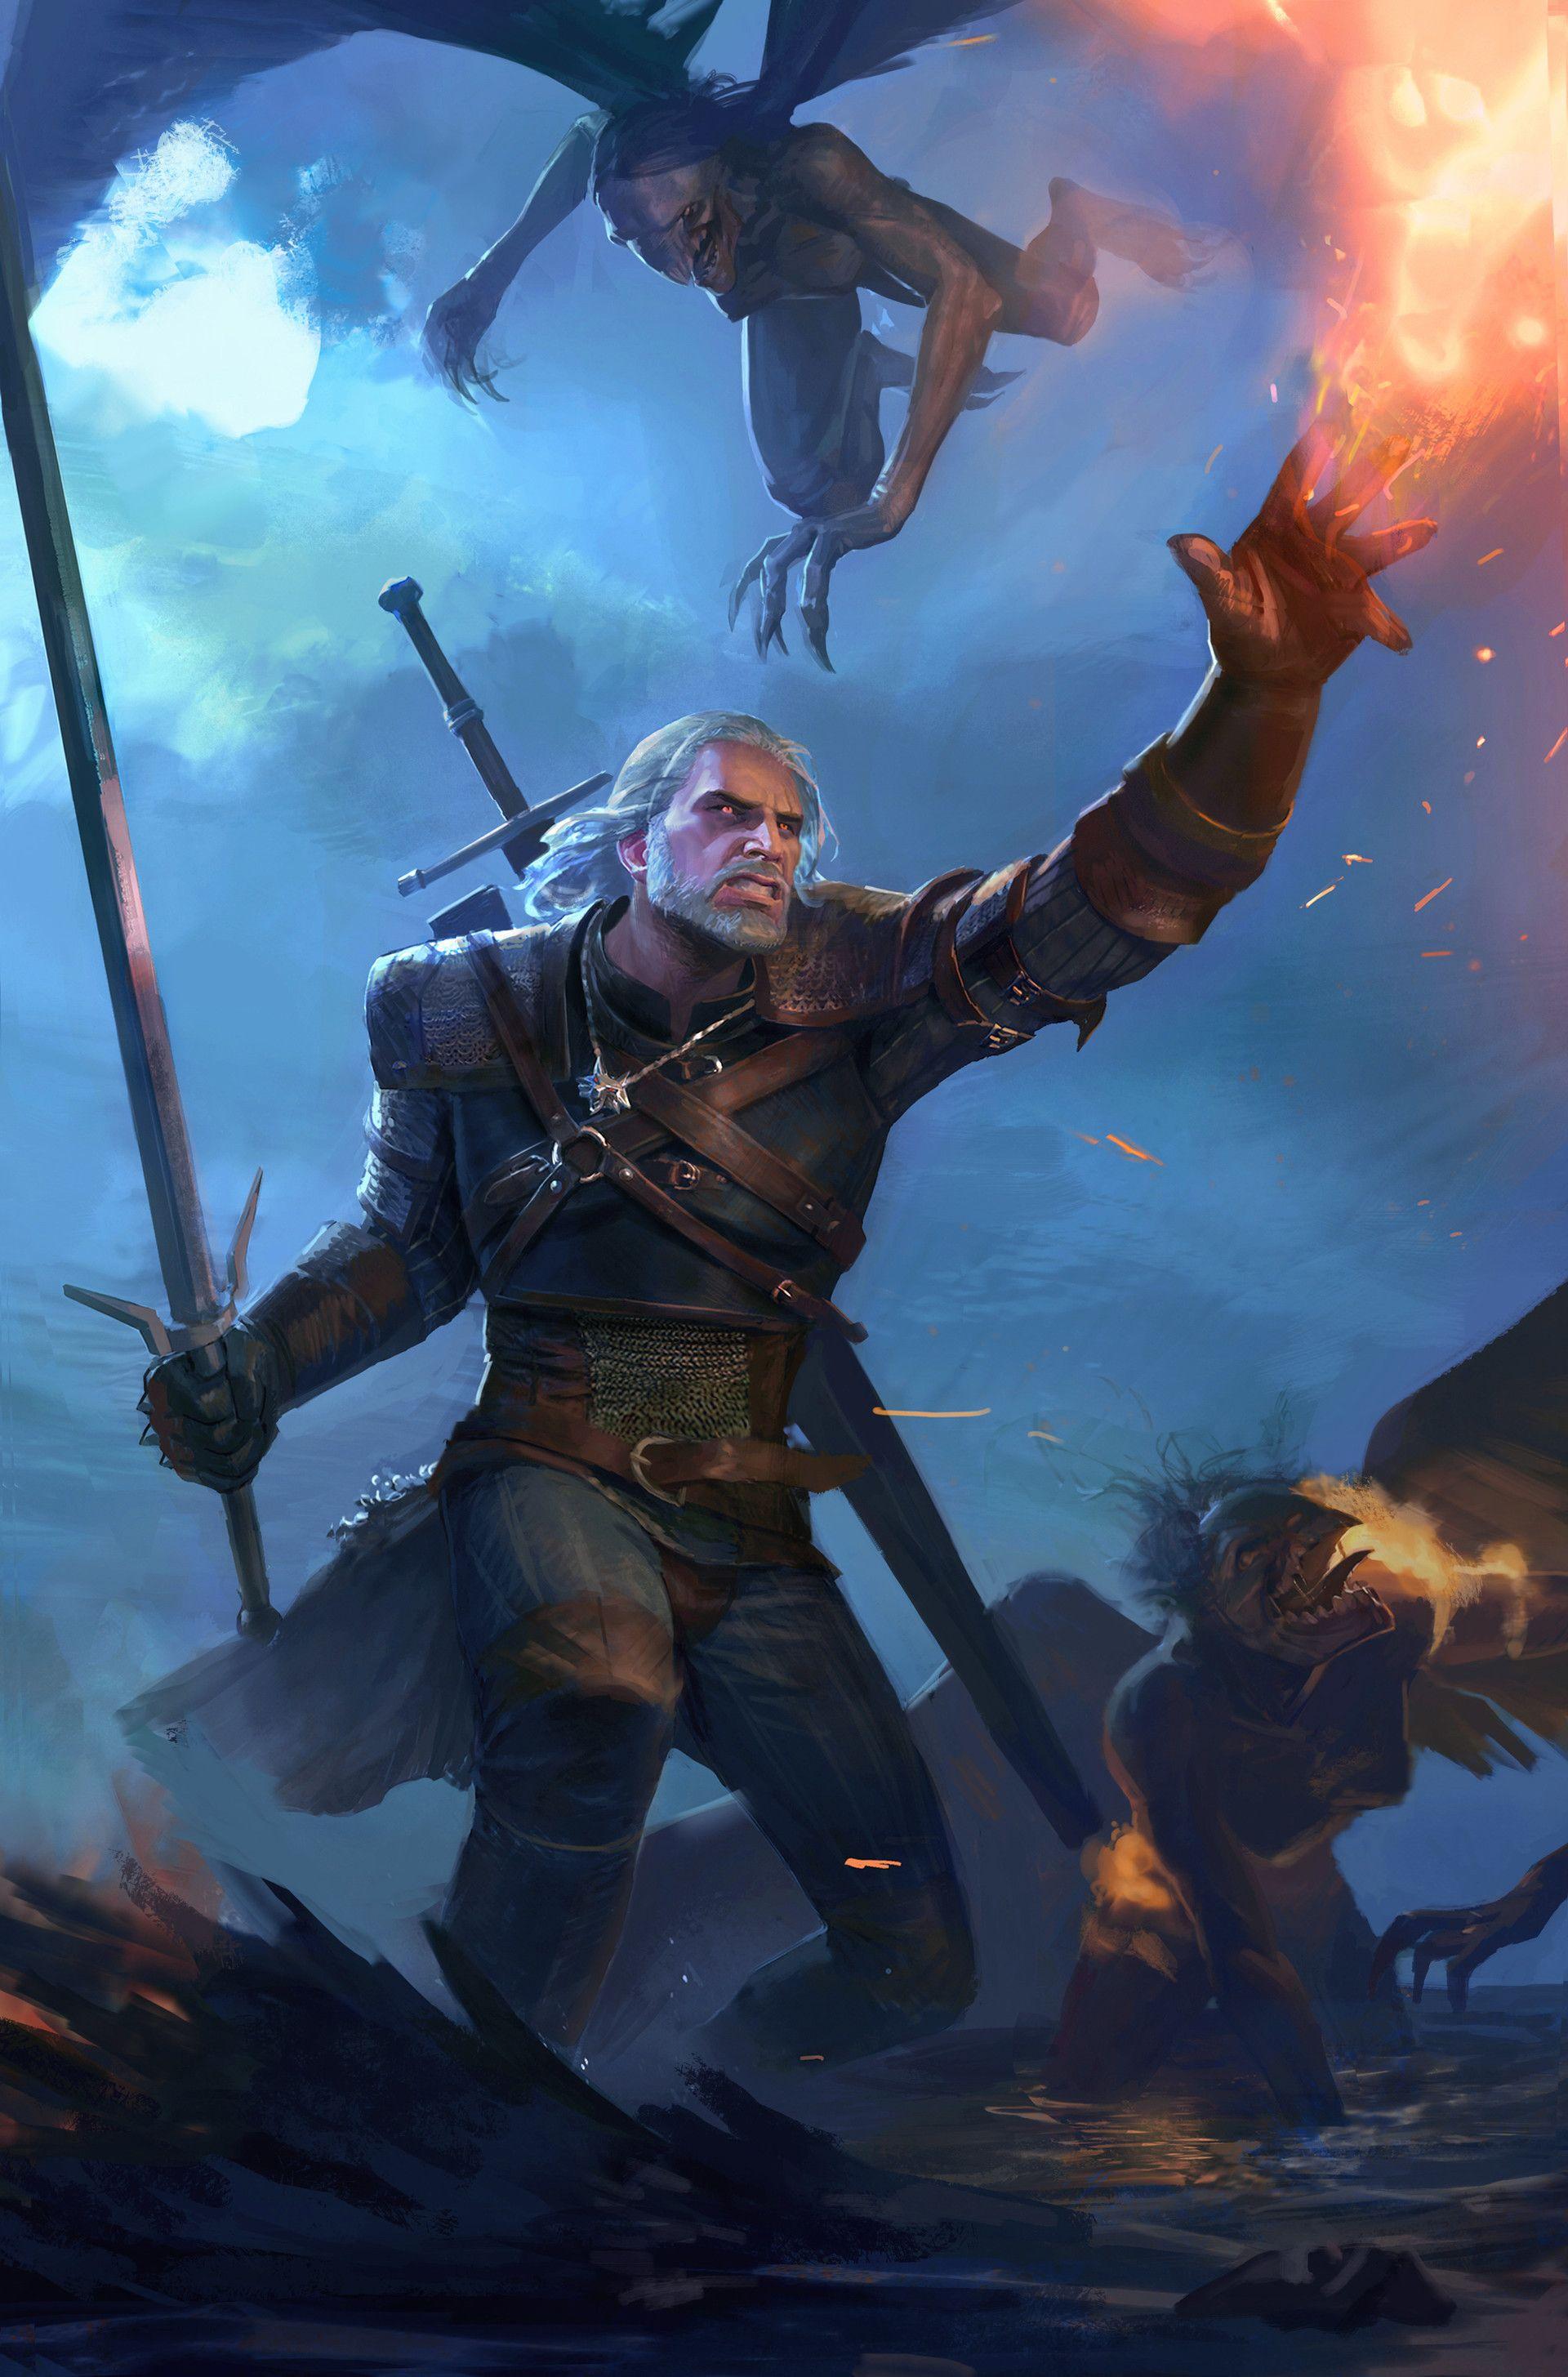 Artstation Witcher Fanart Maxim Marenkov Igrovye Arty Belye